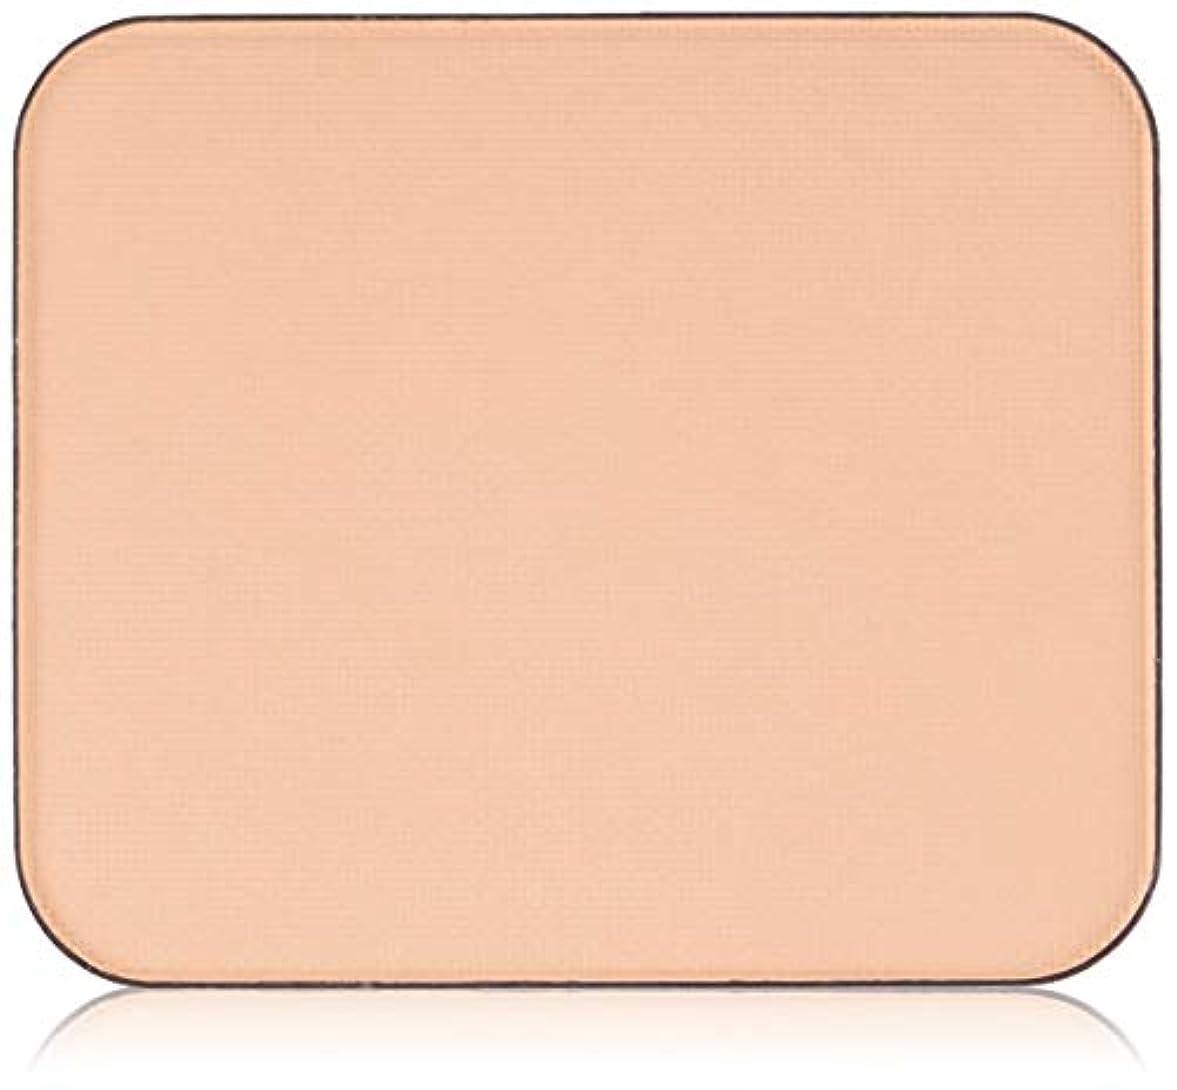 ダンプフィードオン汚れたCelvoke(セルヴォーク) インテントスキン パウダーファンデーション 全5色 201 明るいベージュ系